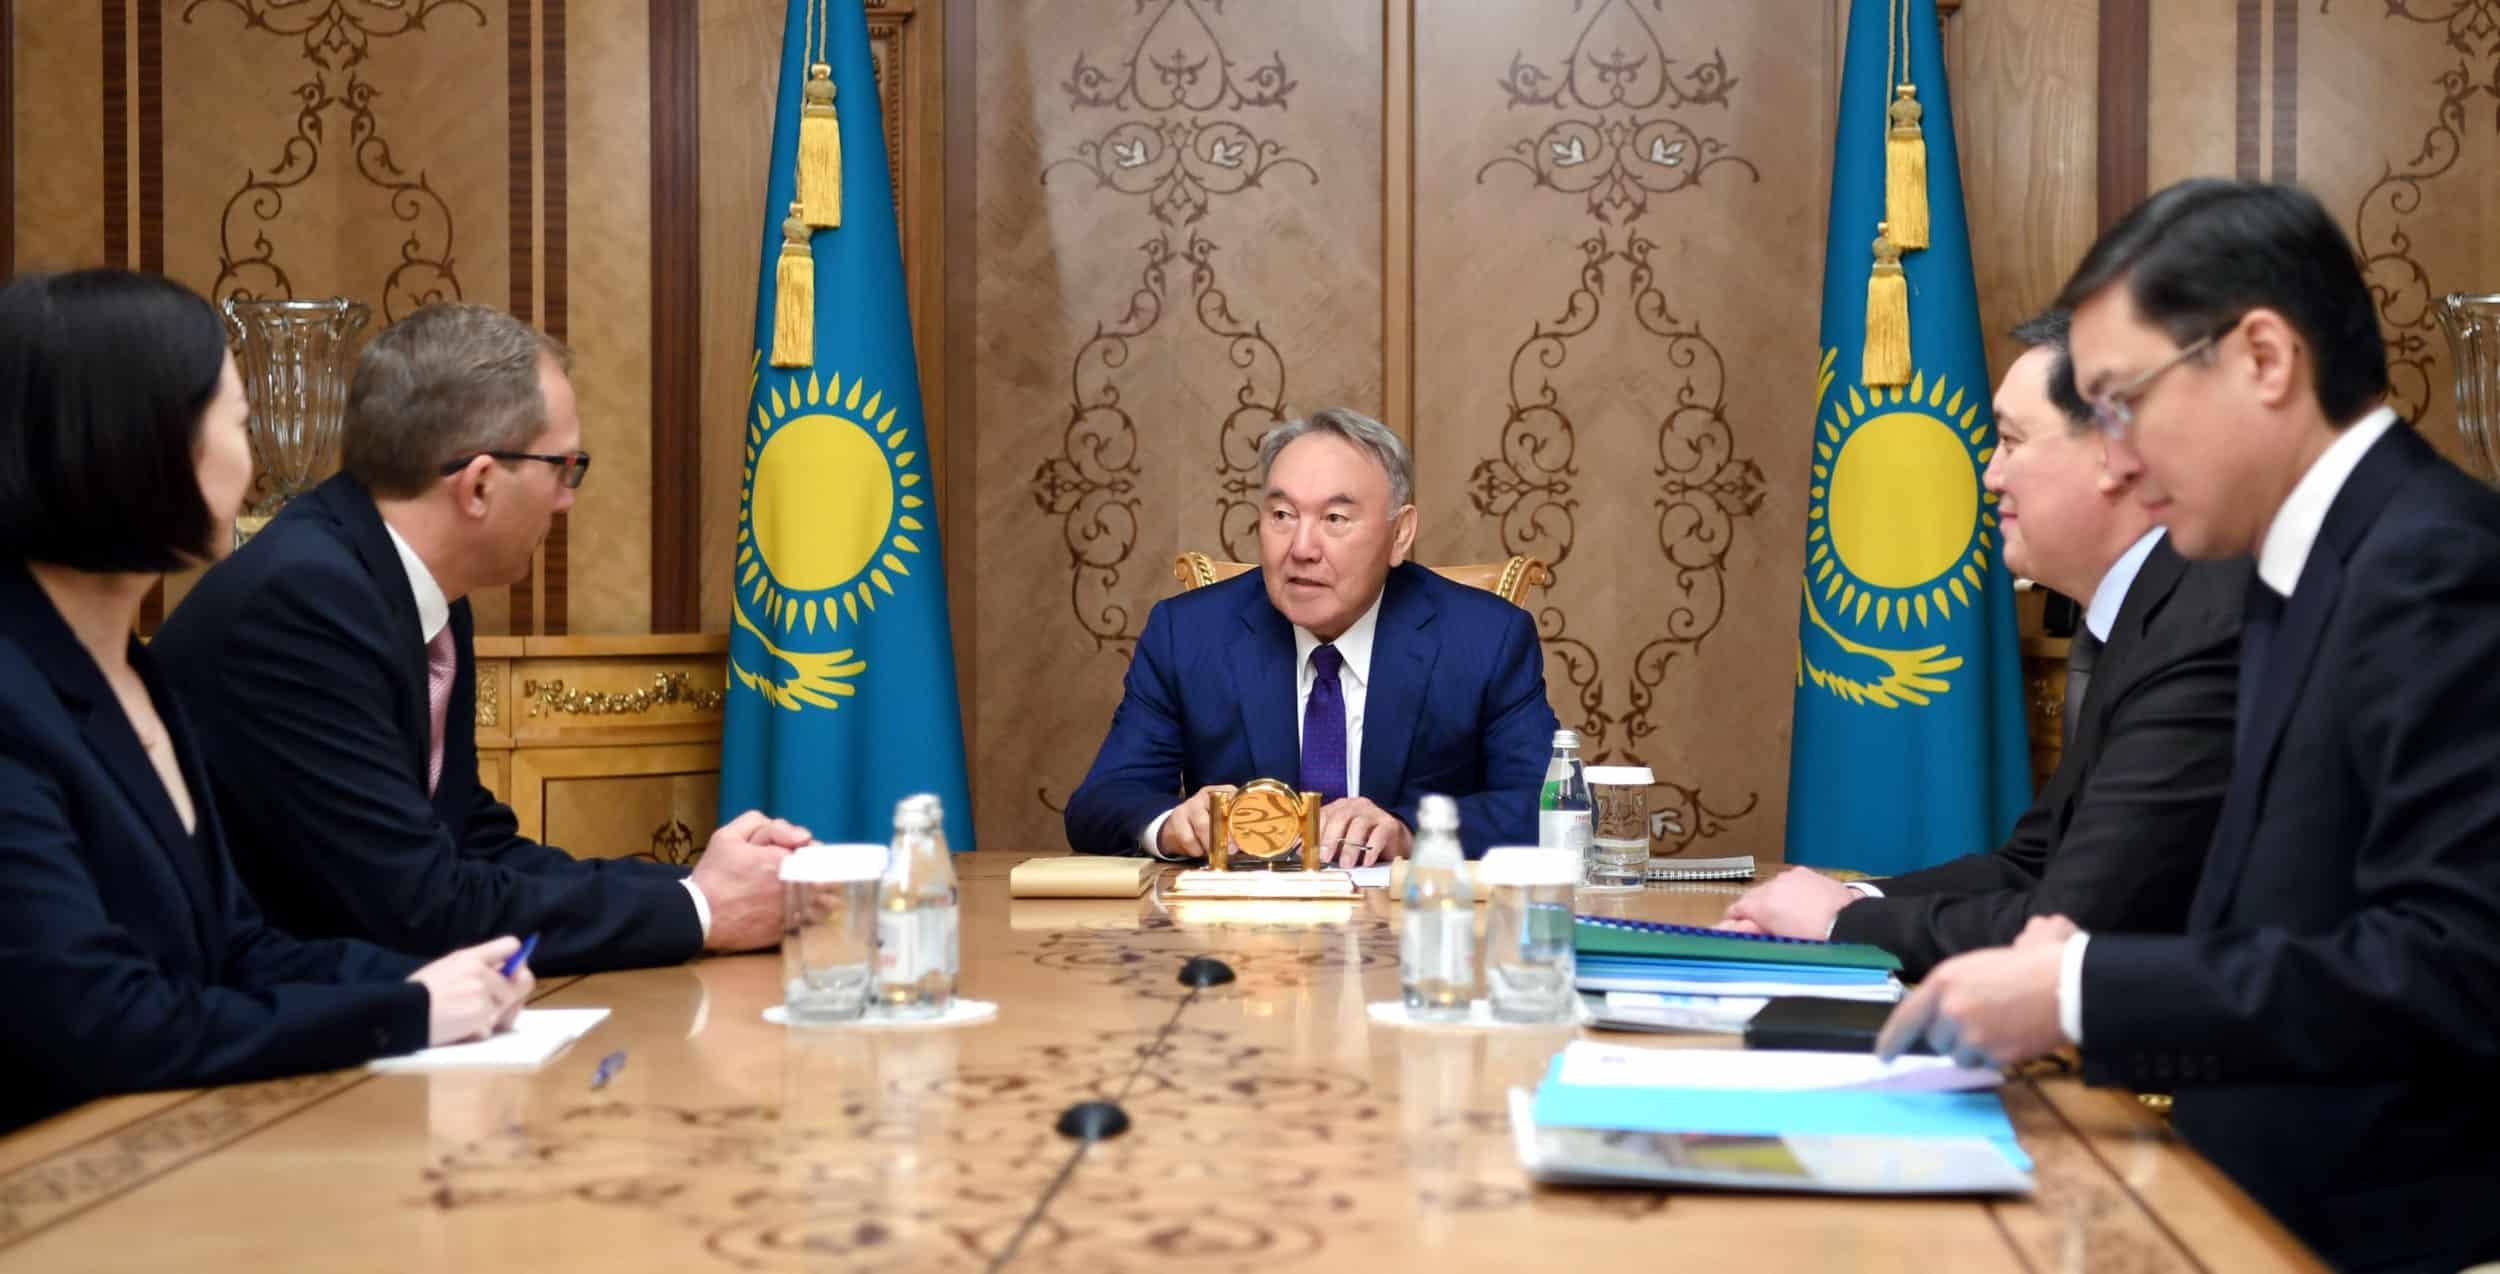 Нұрсұлтан Назарбаев Alstom компаниясының басшысымен кездесті